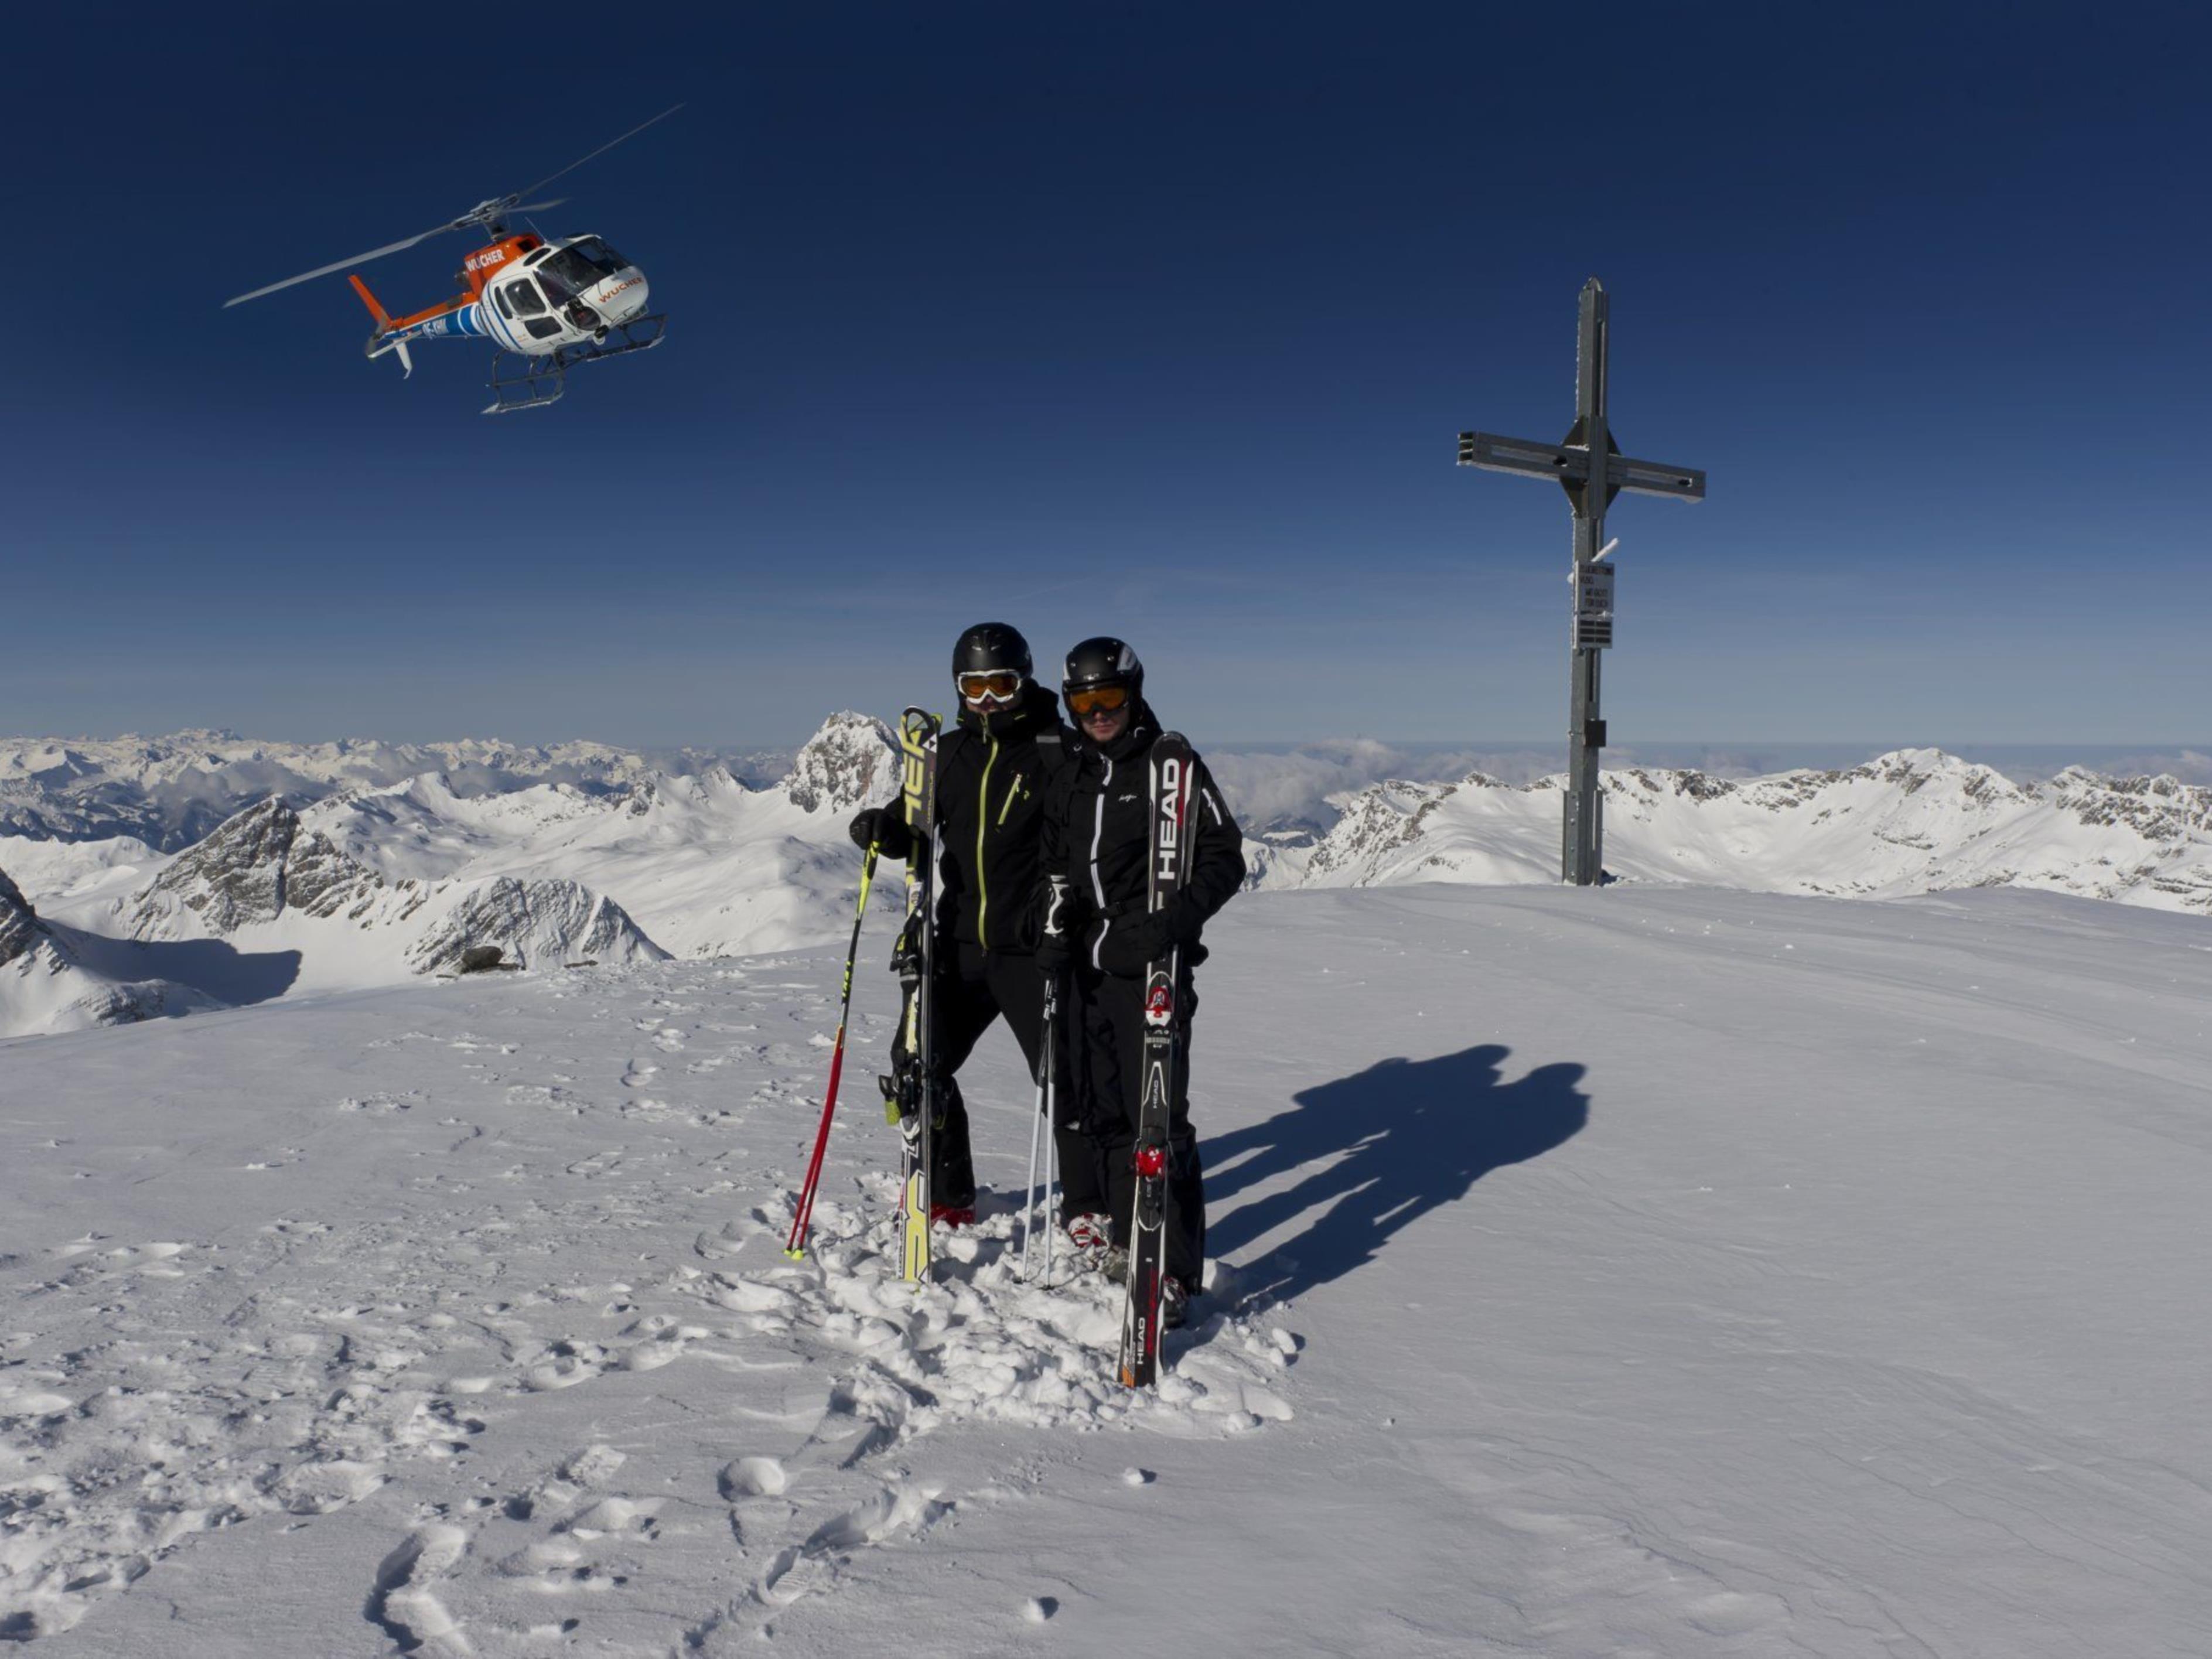 Dürfen weiterhin zum Tiefschneeerlebnis abheben: Heli-Skiing-Fans am Arlberg.